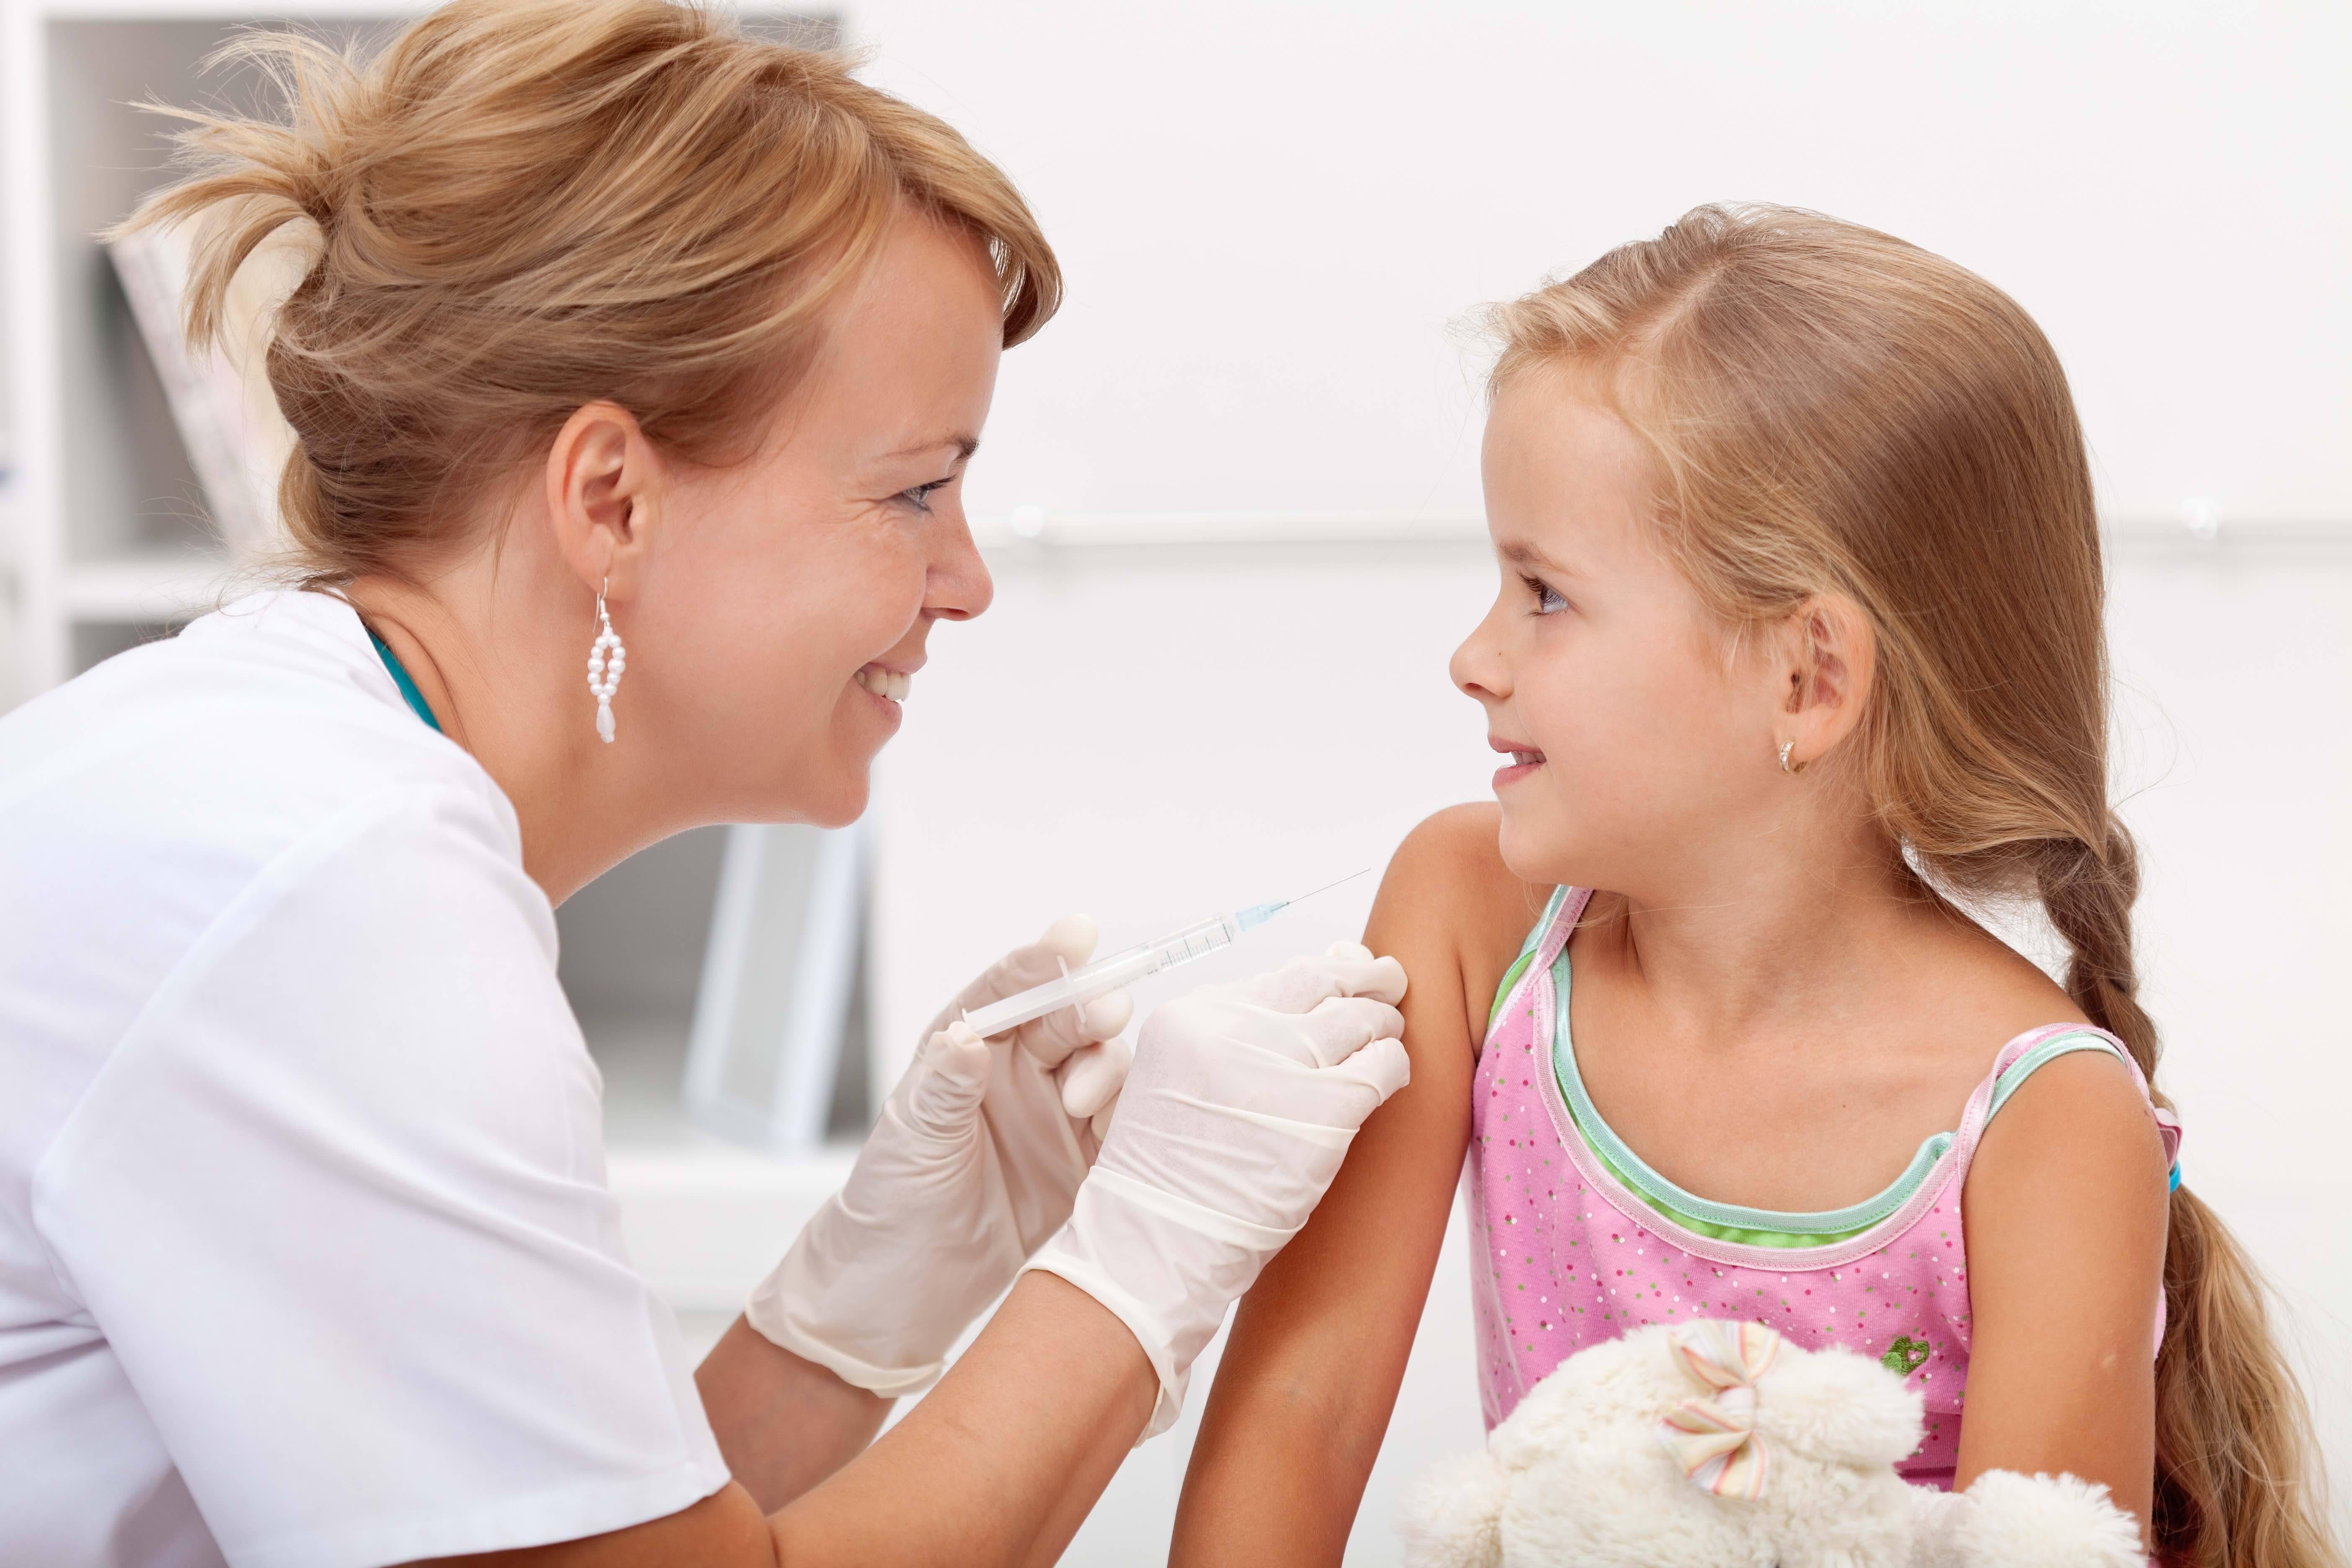 В детский сад без прививок: какие обязательны для поступления и берут ли ребенка при их отсутствии?   прививки   vpolozhenii.com